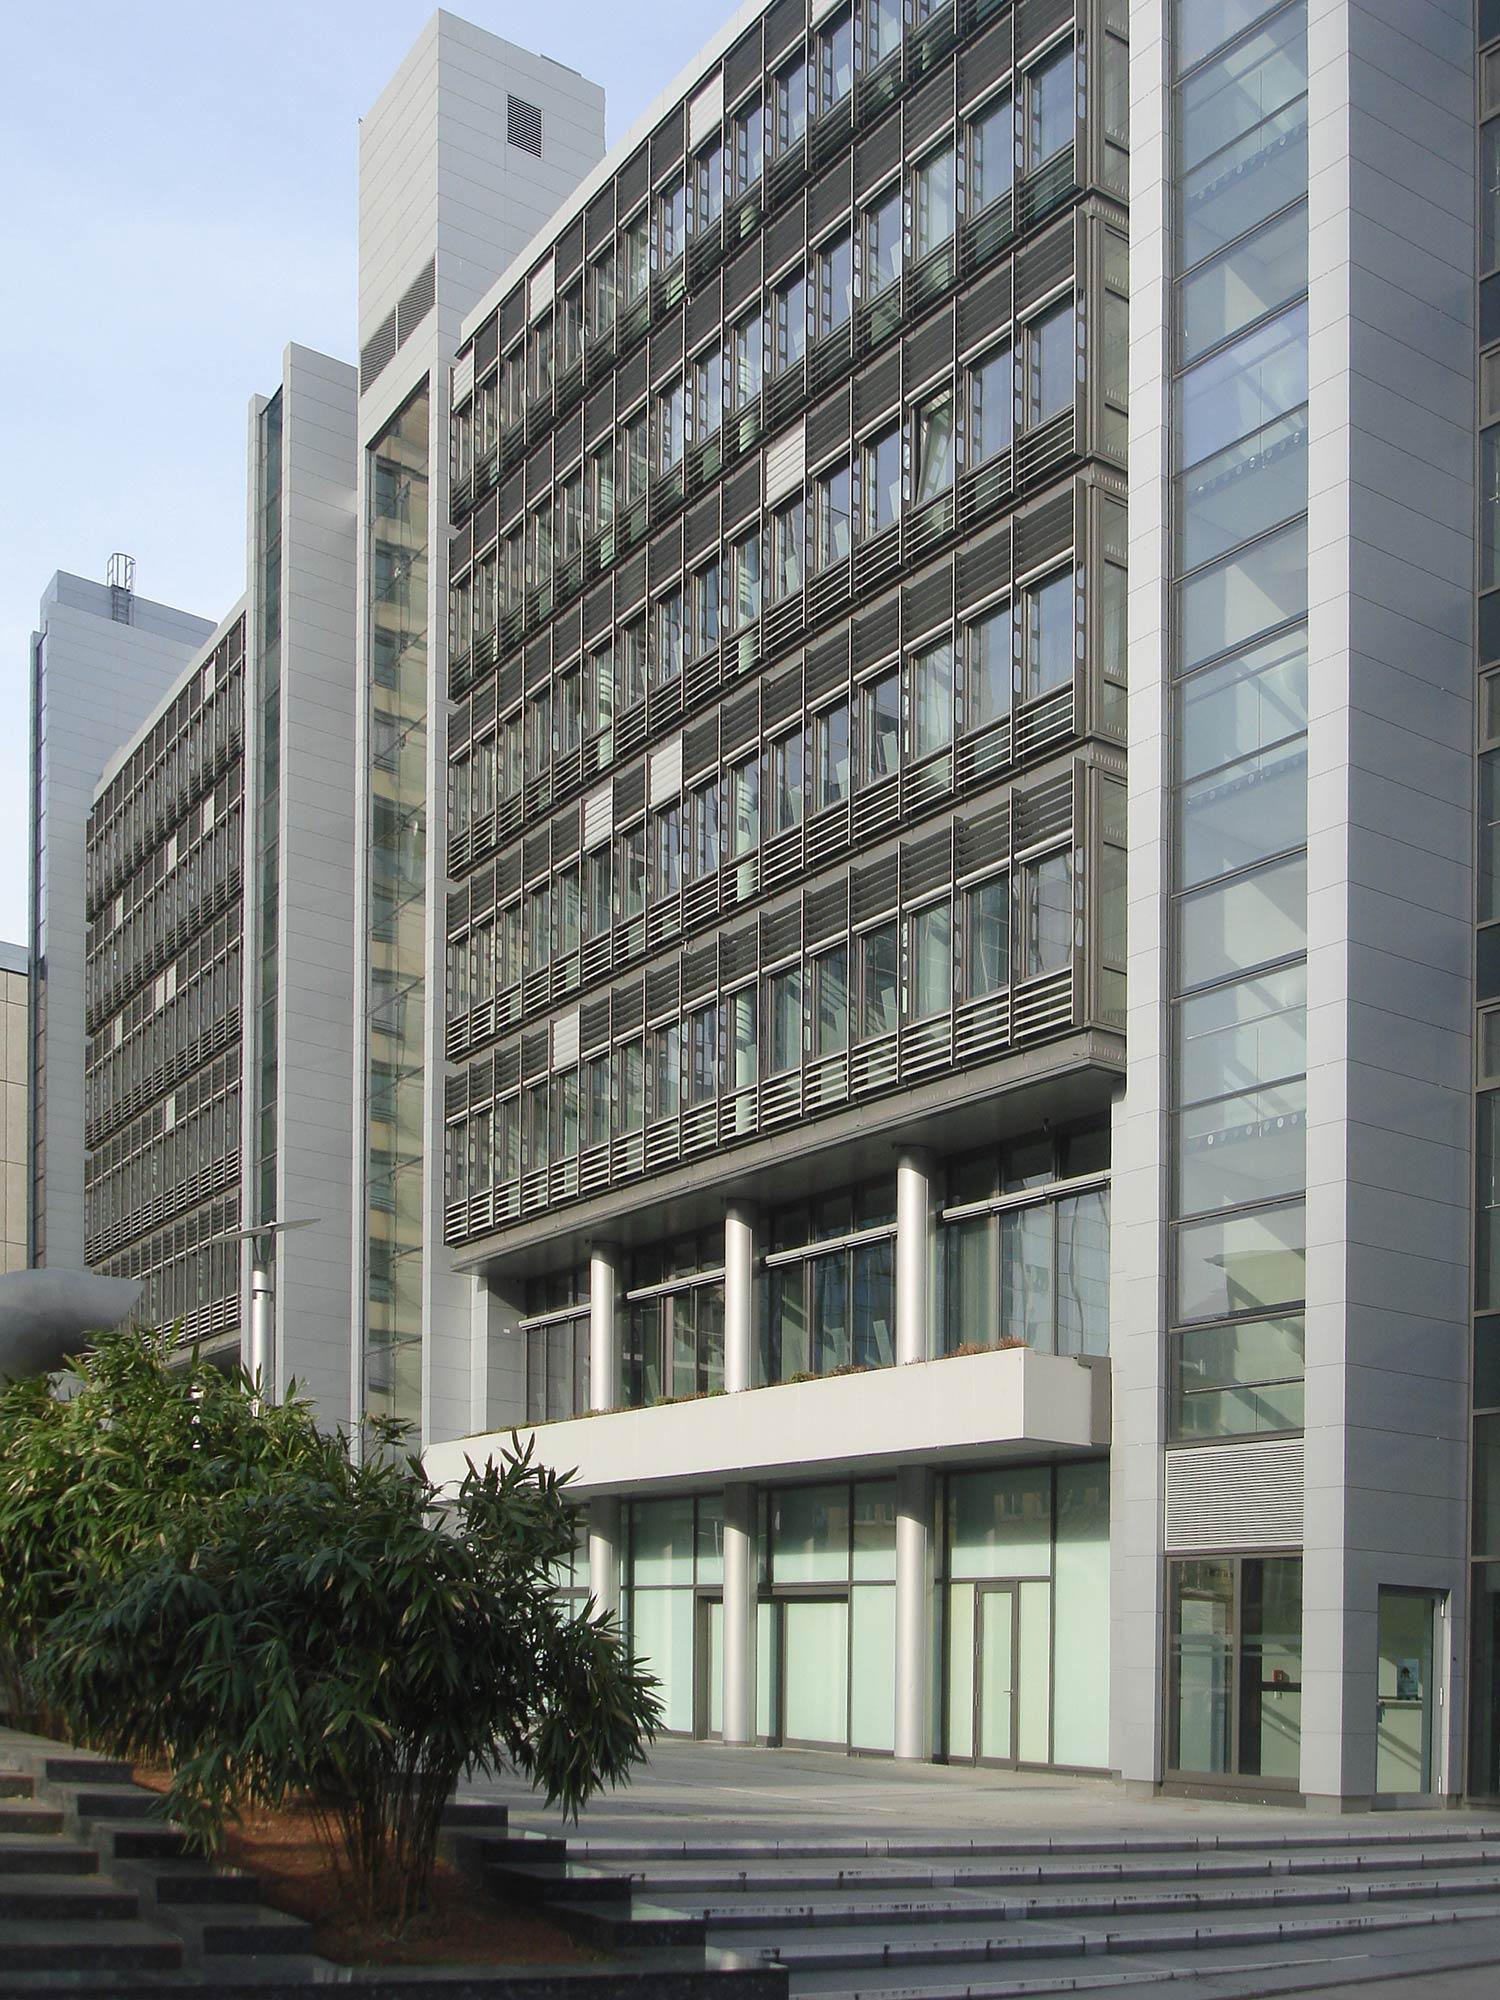 Der zum Skylight Projekt gehörende Flachbau beinhaltet zahlreiche Büroflächen